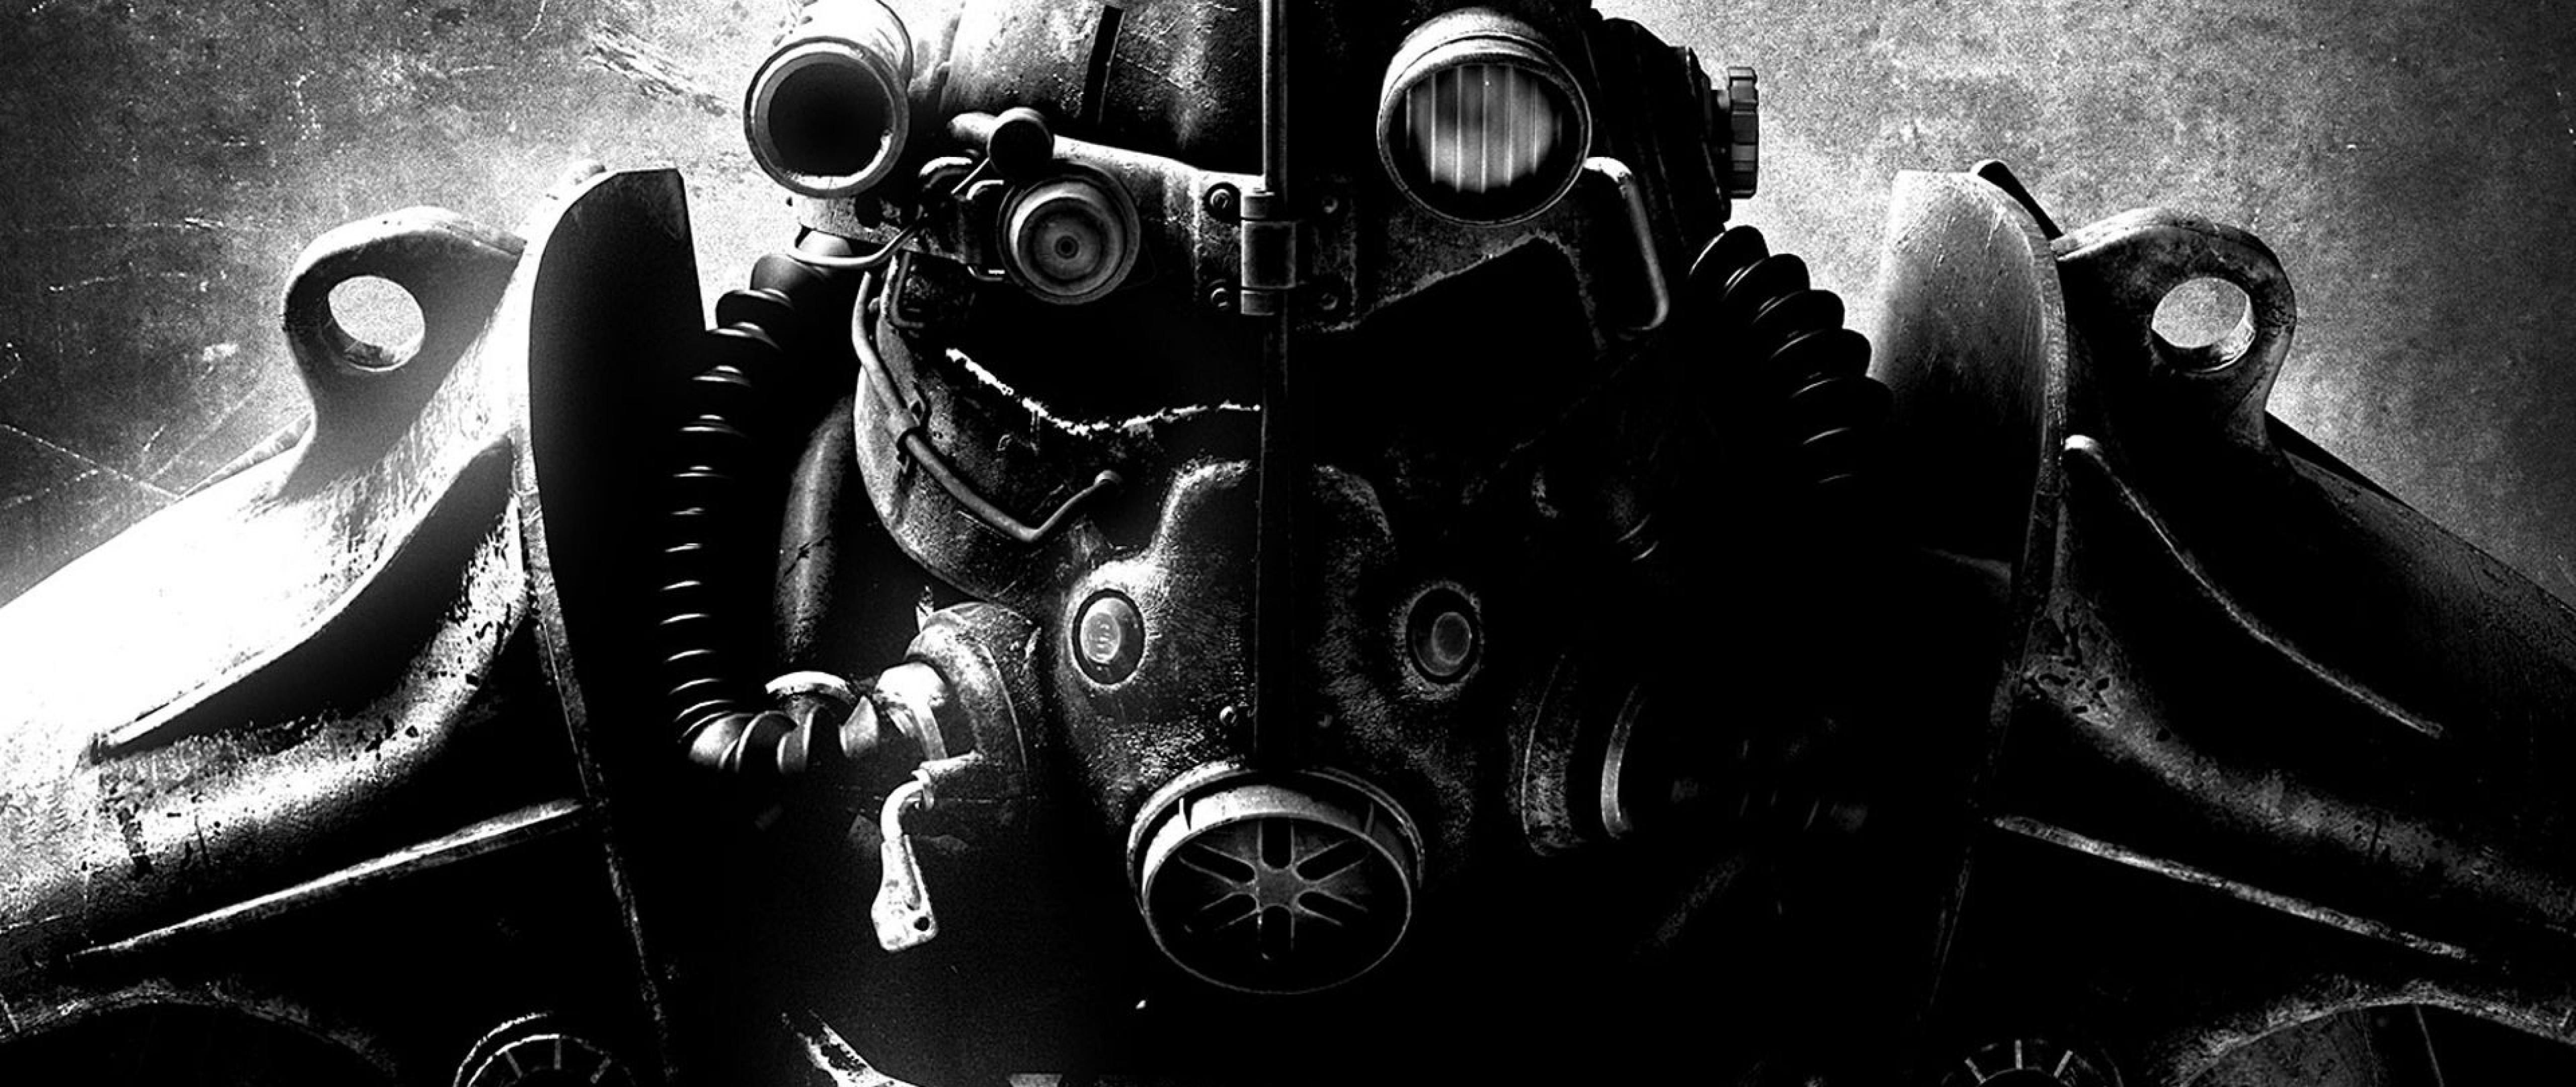 Fallout 3 Hd Wallpaper 4k Ultra Hd Wide Tv Hd Wallpaper Wallpapers Net